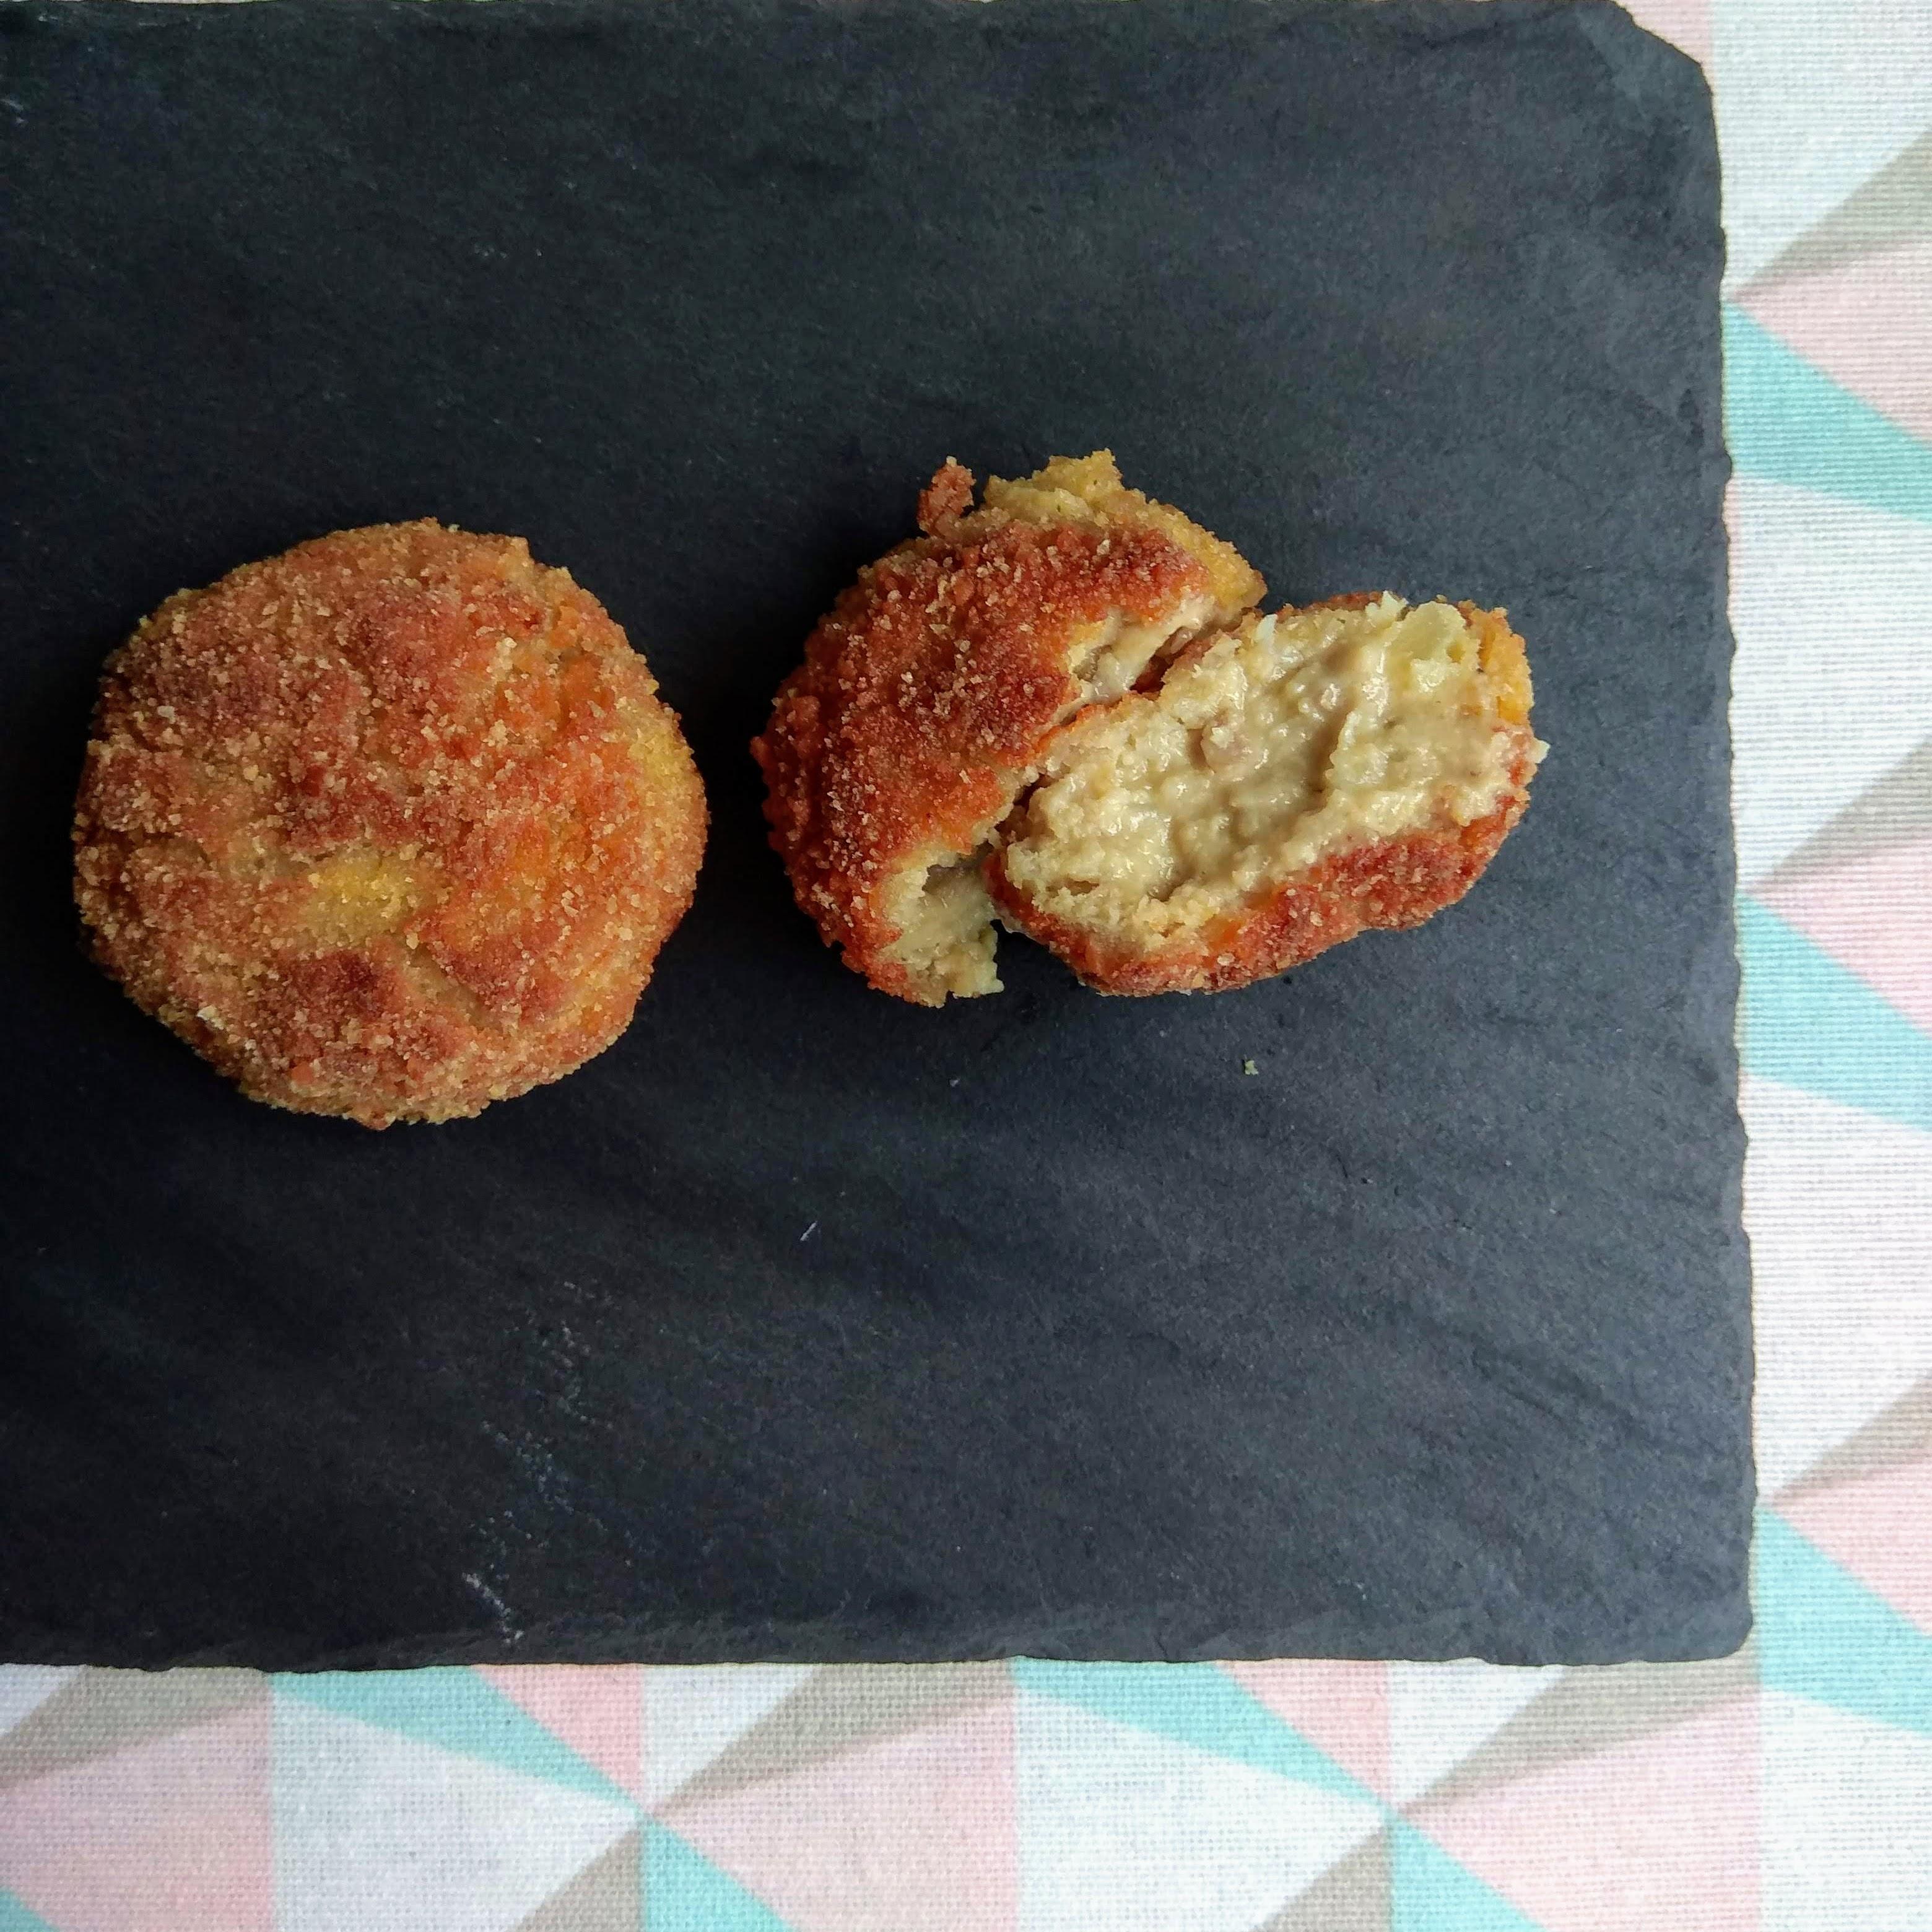 Receta fácil de croquetas de pollo, mostaza y queso. Descúbrela en: www.cocinandoconlola.com